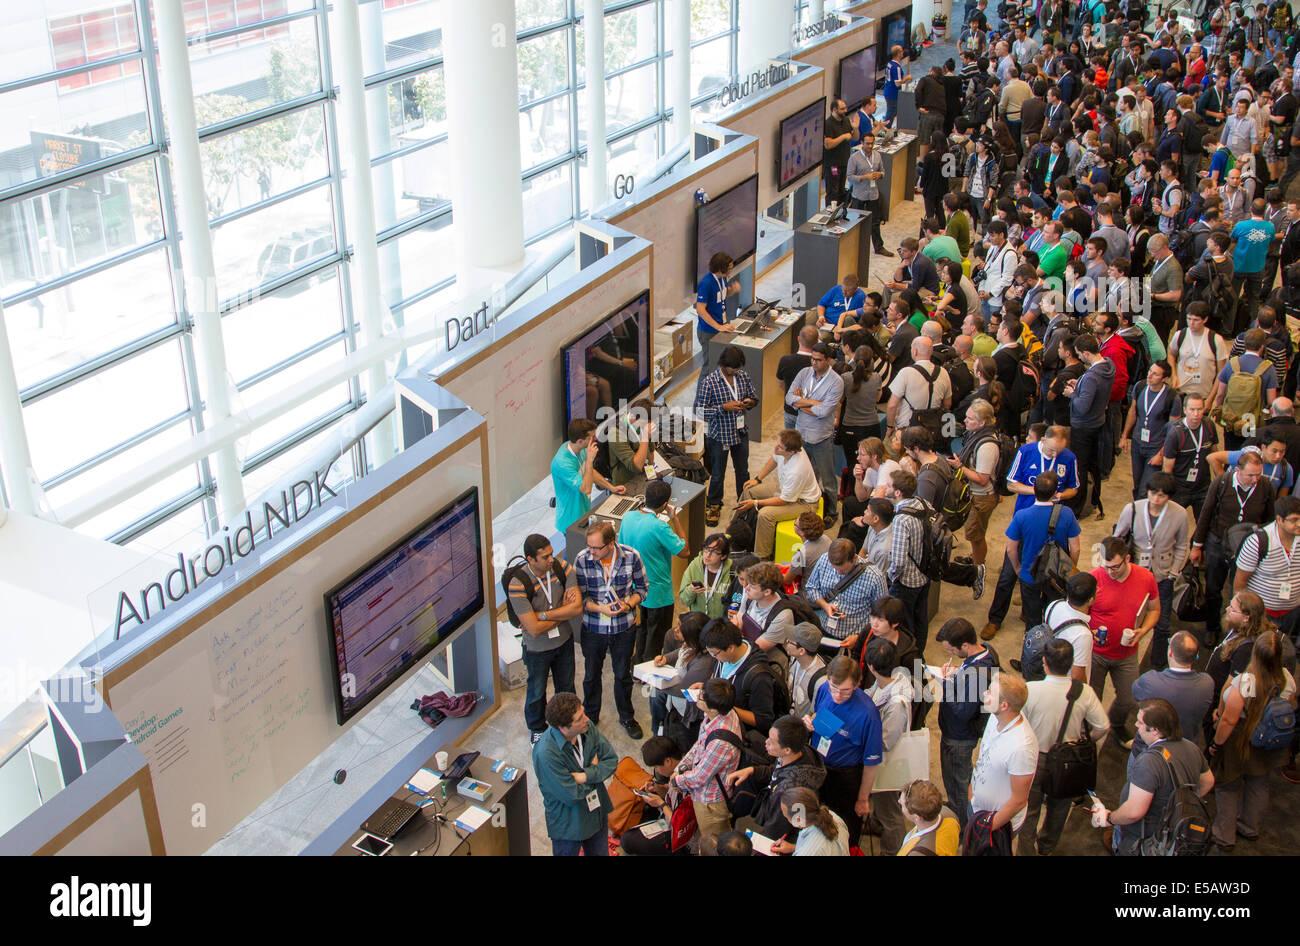 Professionnels de la technologie autour des stands lors de la conférence Google I/O se renseigner sur les derniers produits high tech Banque D'Images